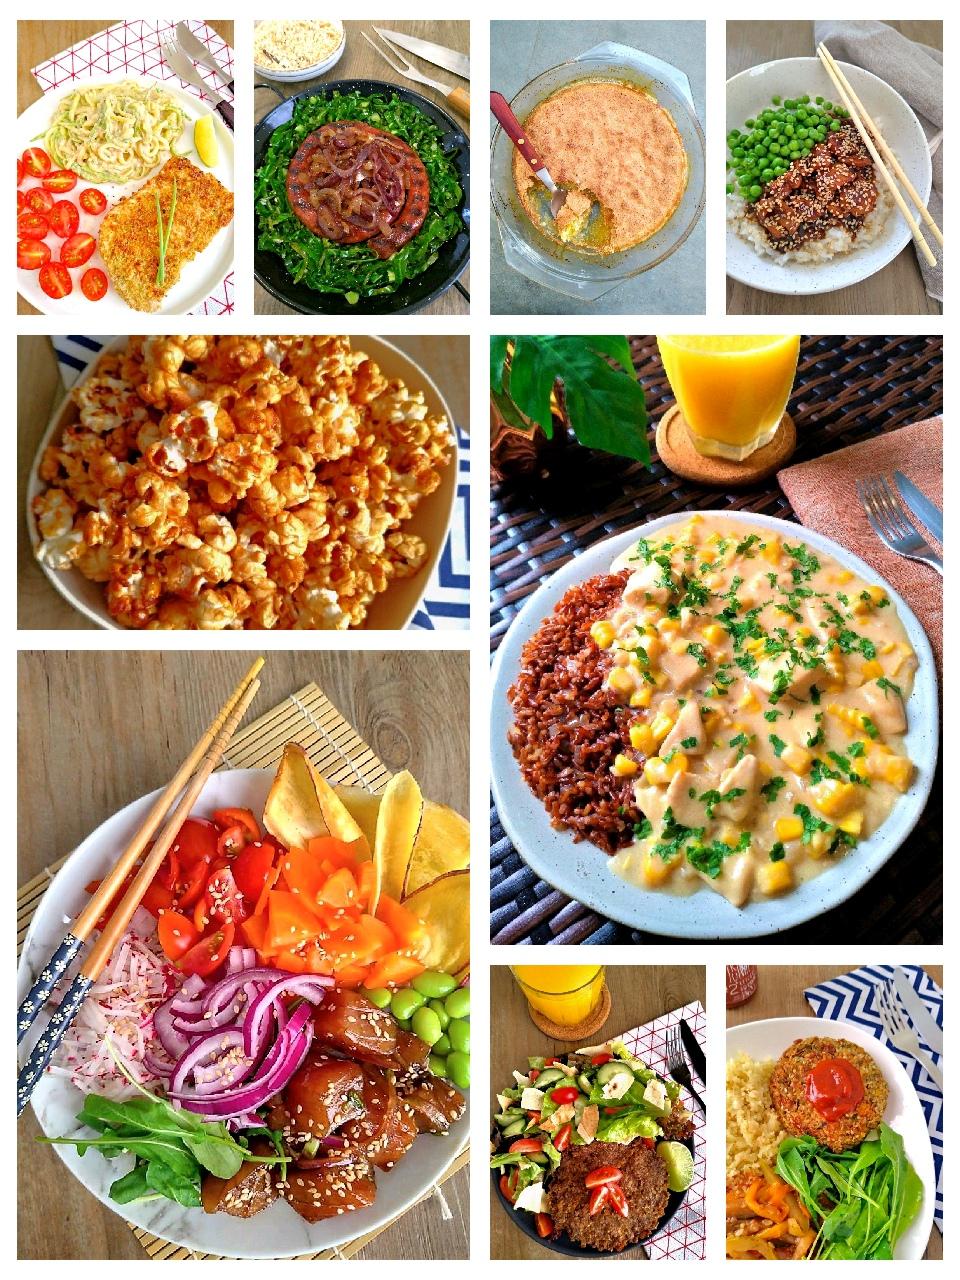 40 Receitas De Comidas Rápidas E Práticas Para As Férias Cozinhando Para 2 Ou 1